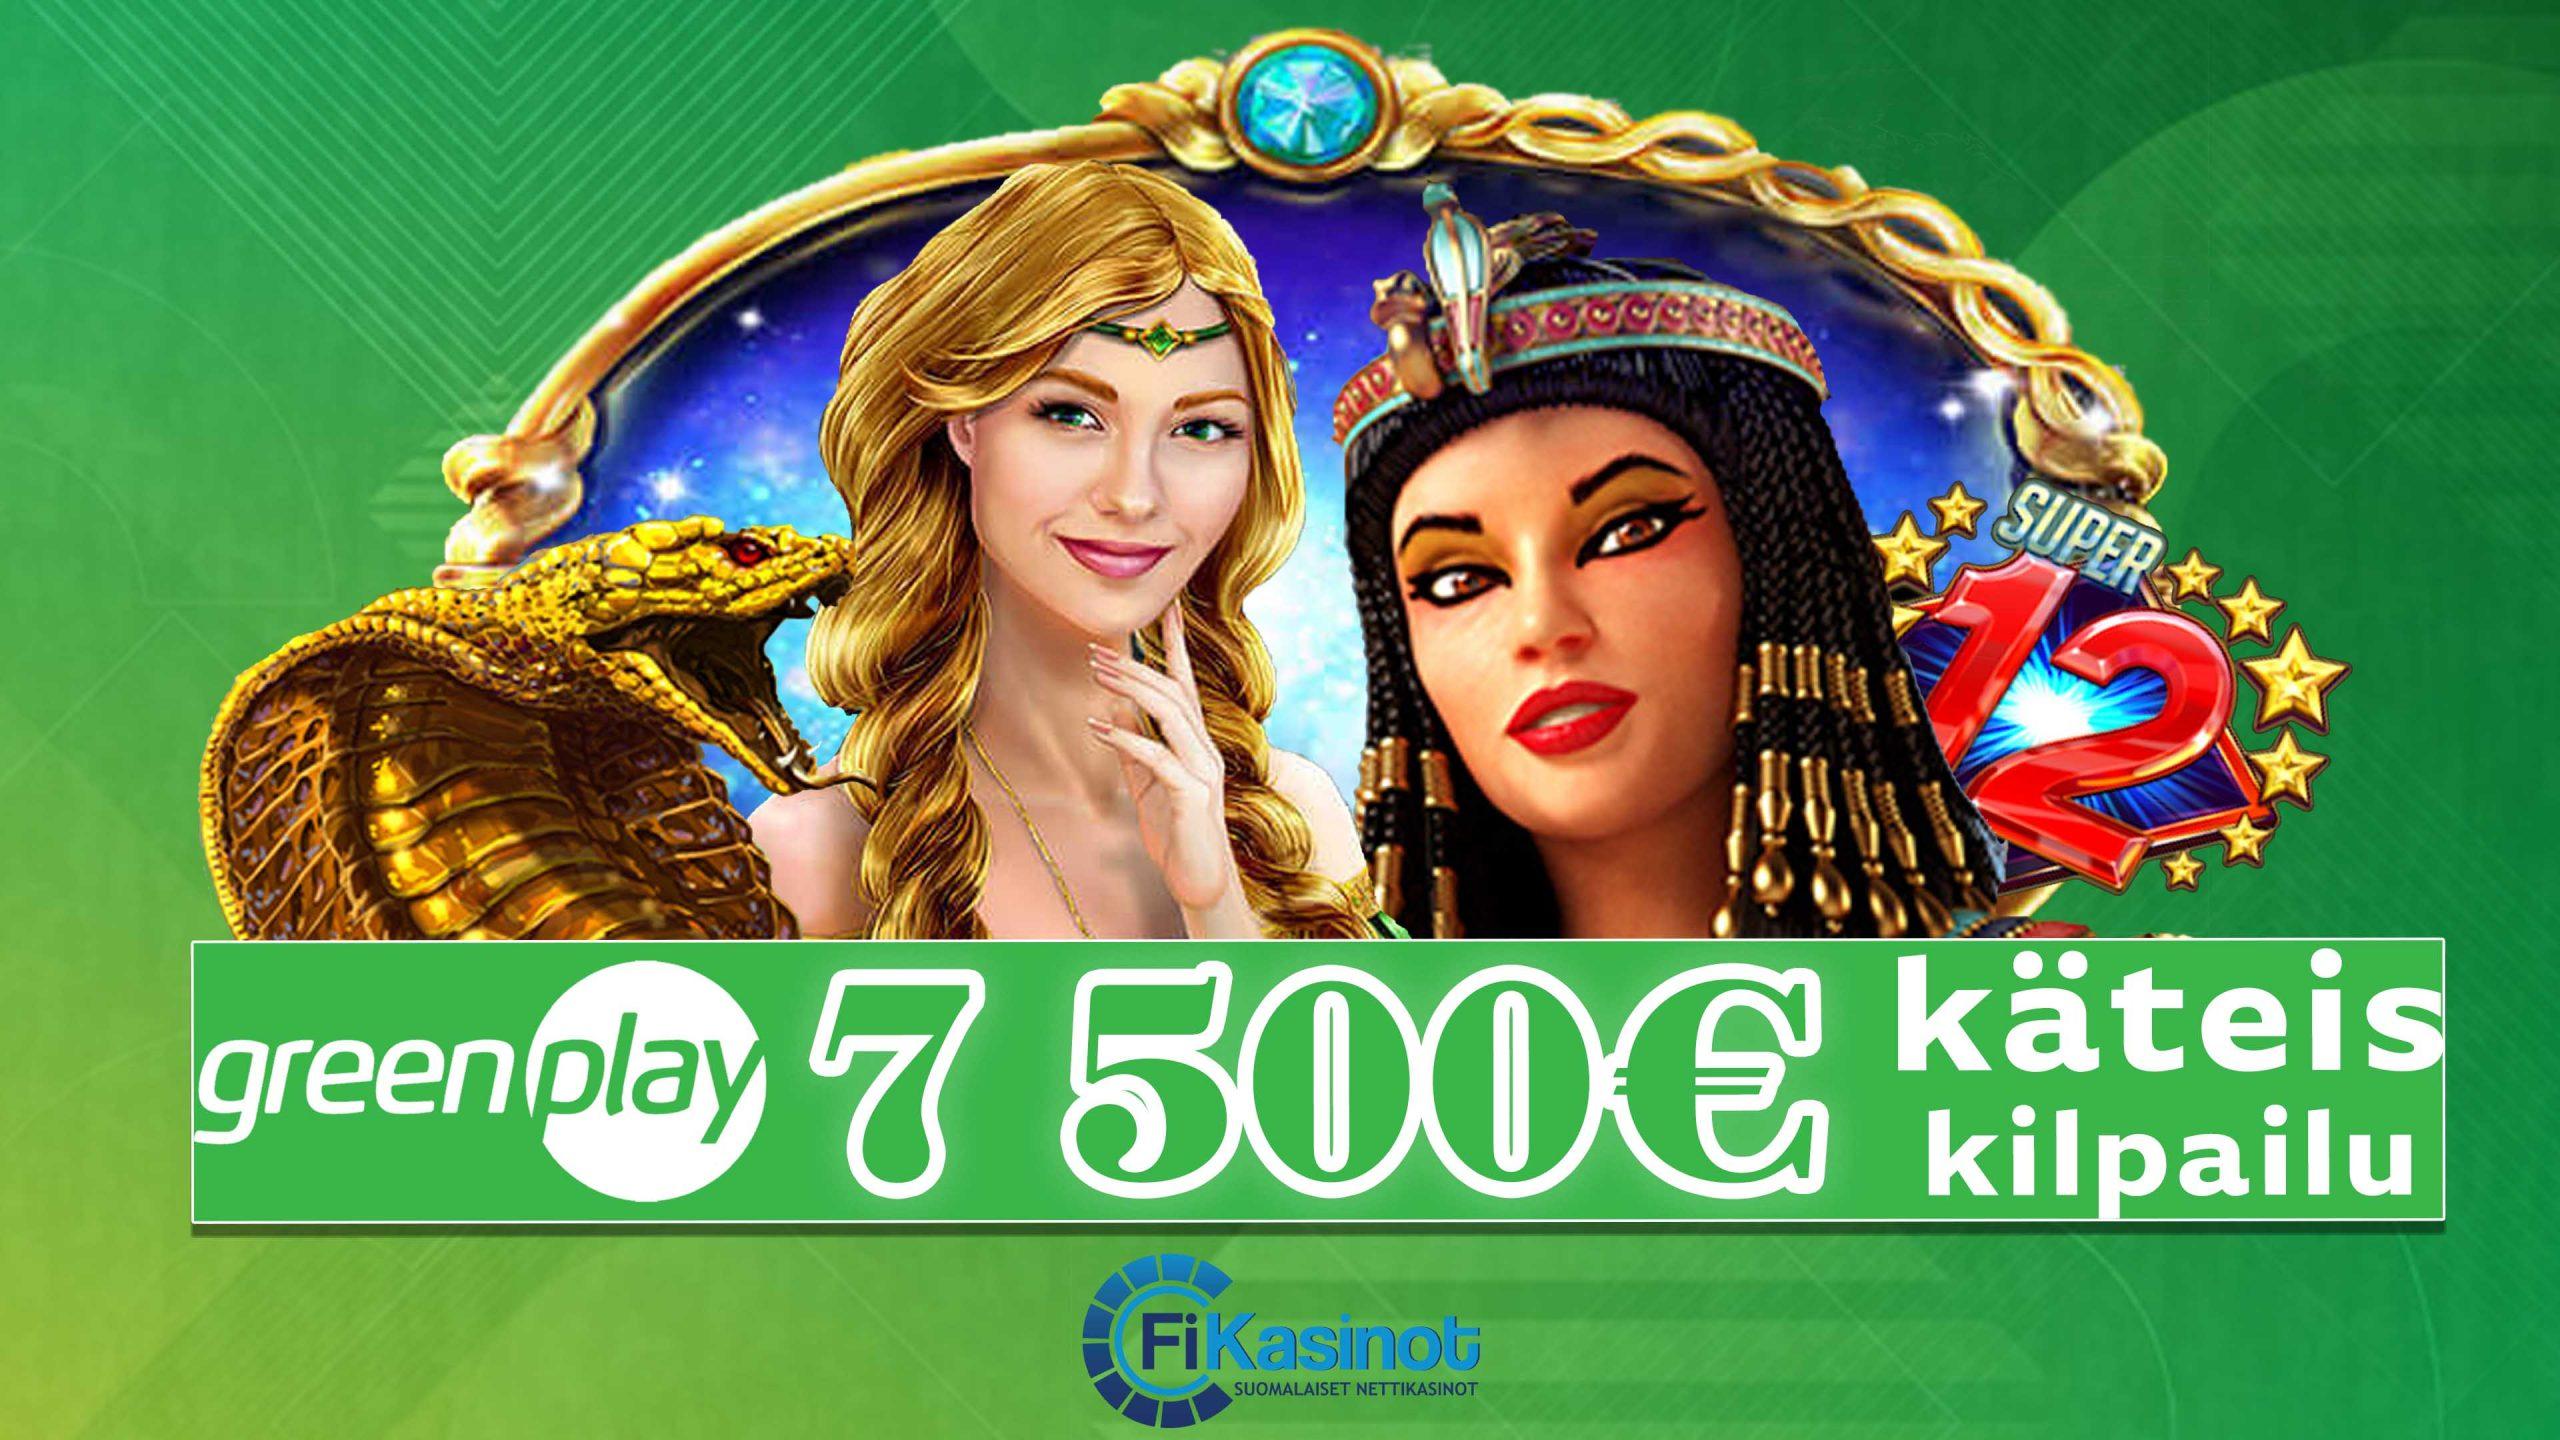 7 500 euroa käteistä GreenPlaylla